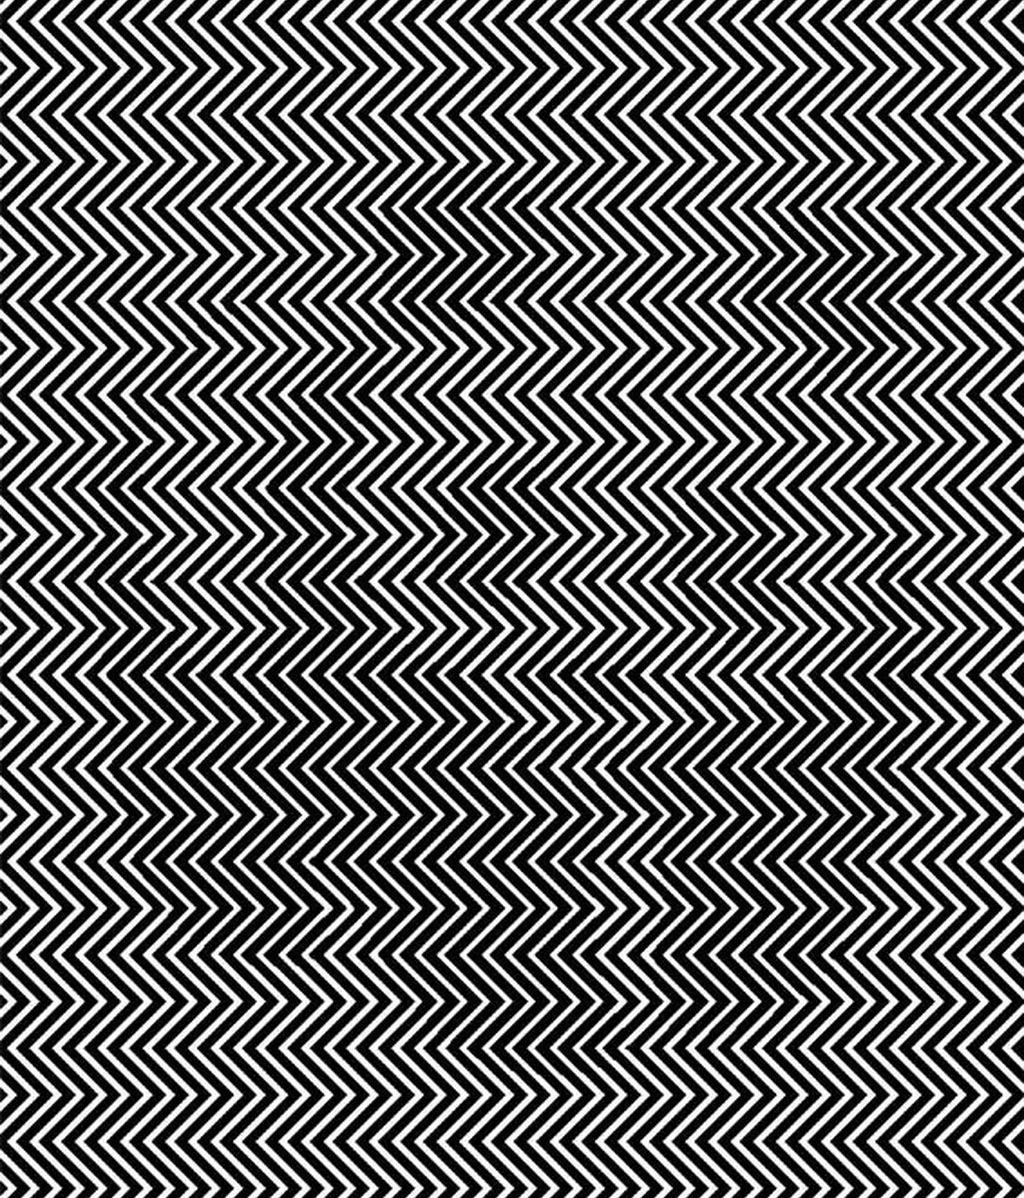 Ilusión óptica con panda de fondo